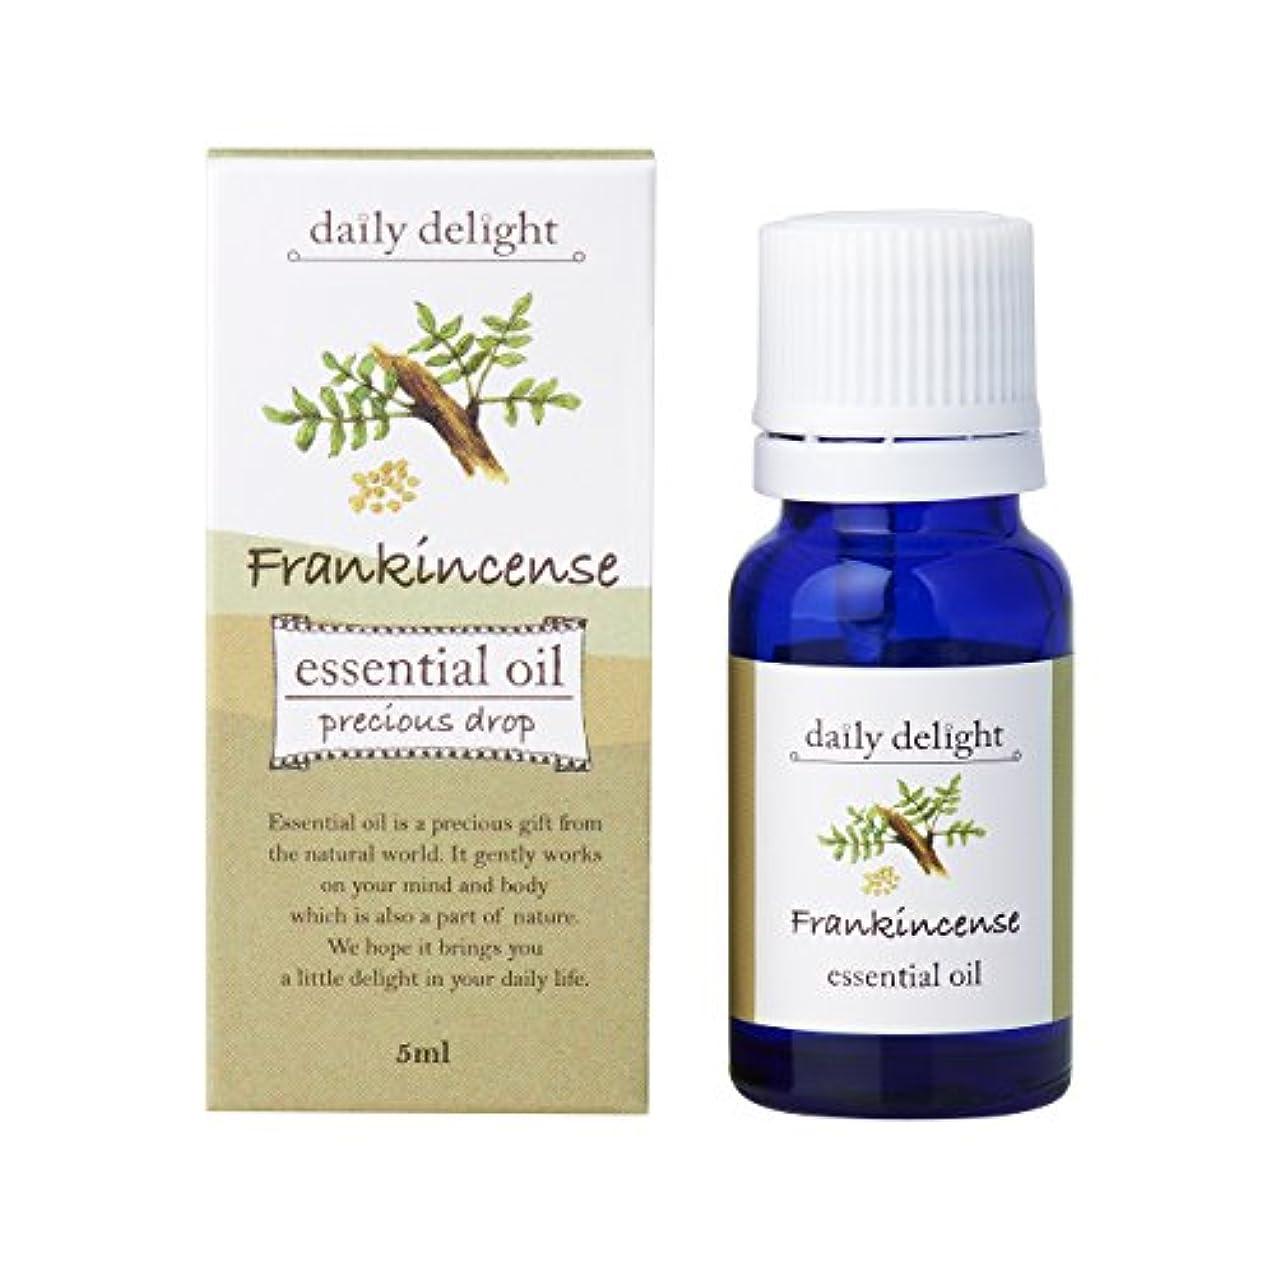 パンダ比率普及デイリーディライト エッセンシャルオイル フランキンセンス 5ml(天然100% 精油 アロマ 樹脂系 樹脂から採れるさわやかな木の香り)